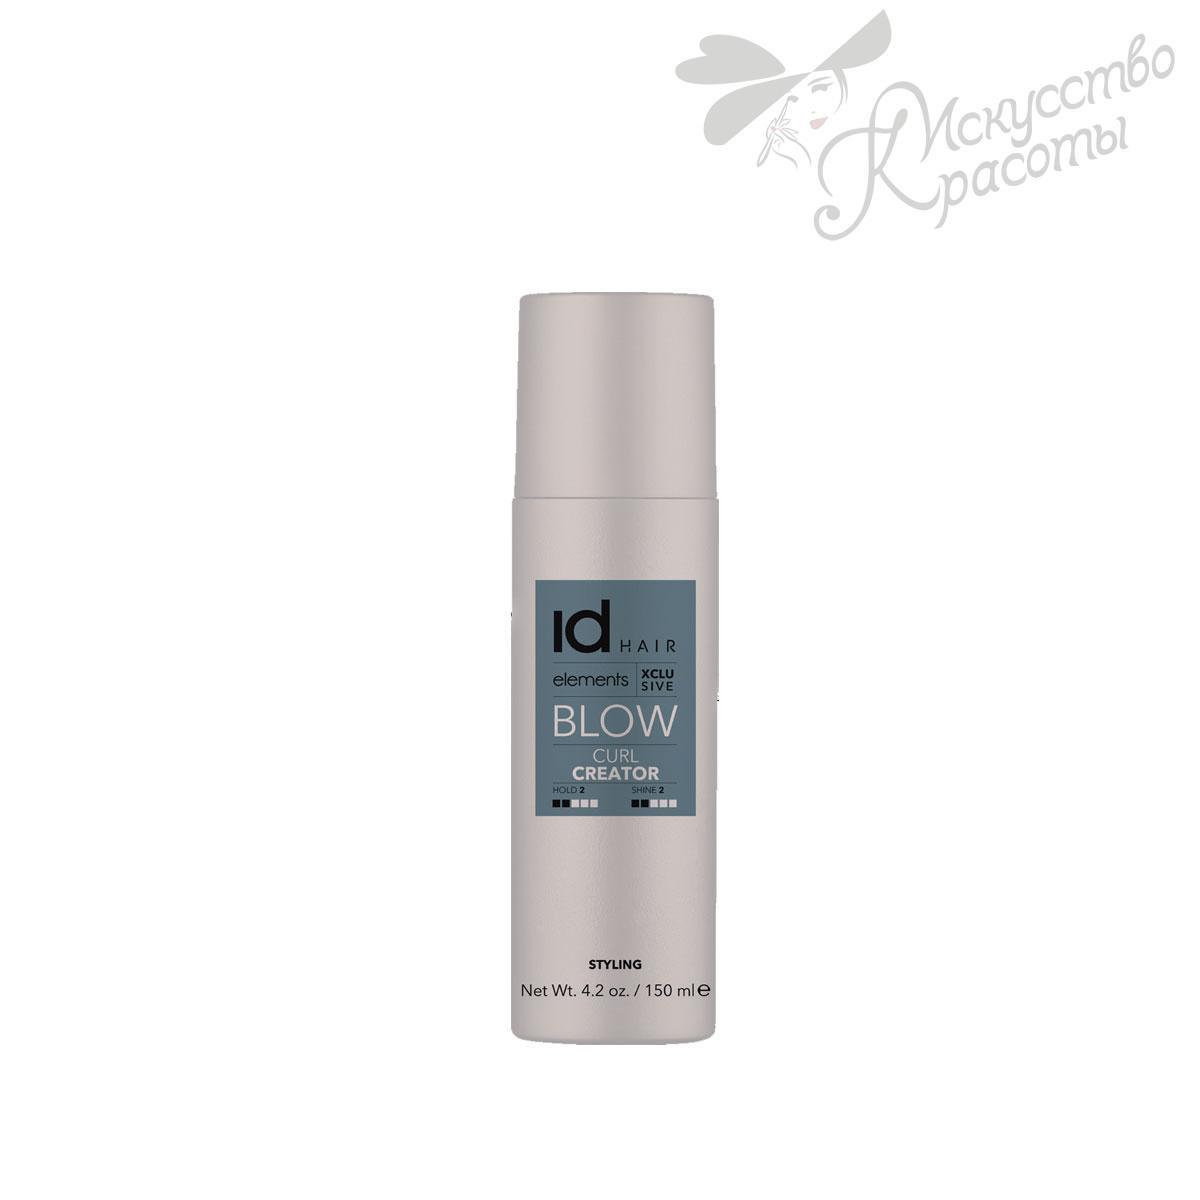 Средство для укладки кудрей Curl Creator ID Hair Elements XCLS Blow 150 мл